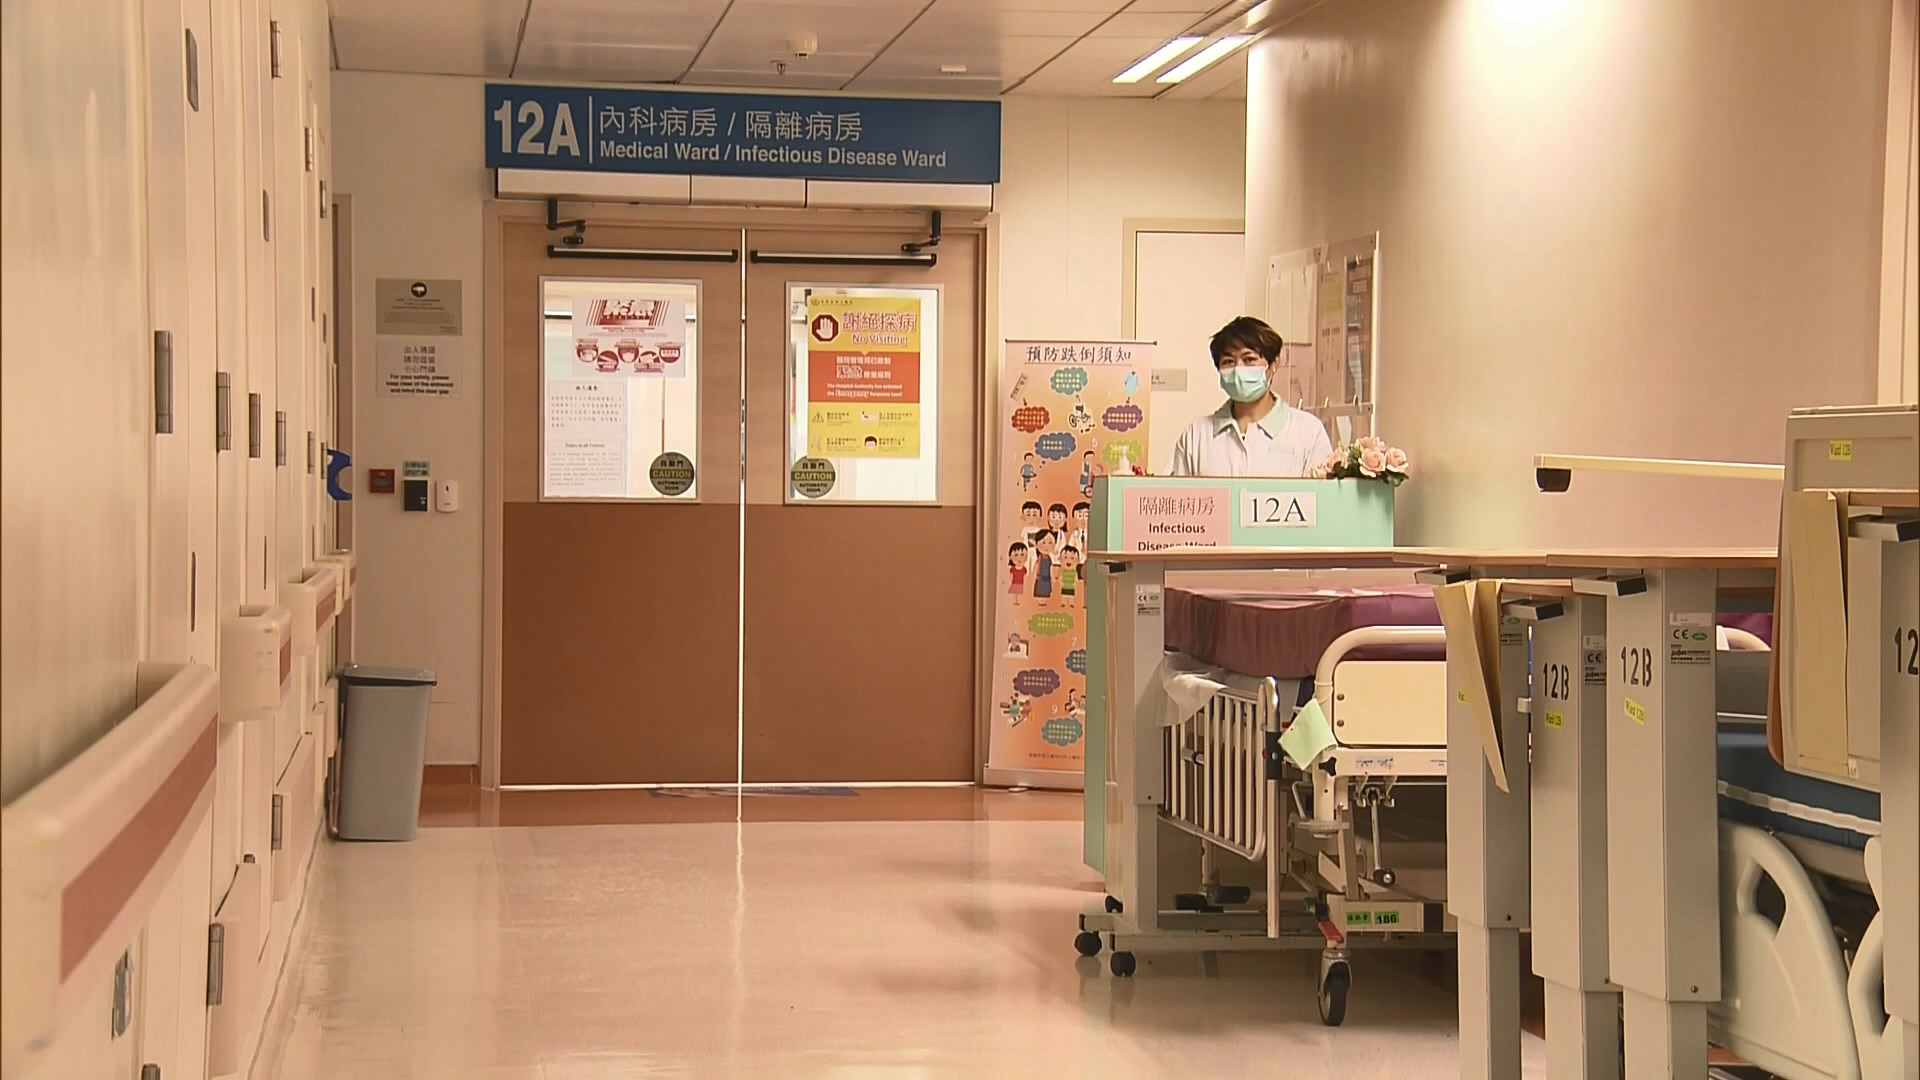 威院負壓病房隔離病人 醫生為同事減壓自願加入